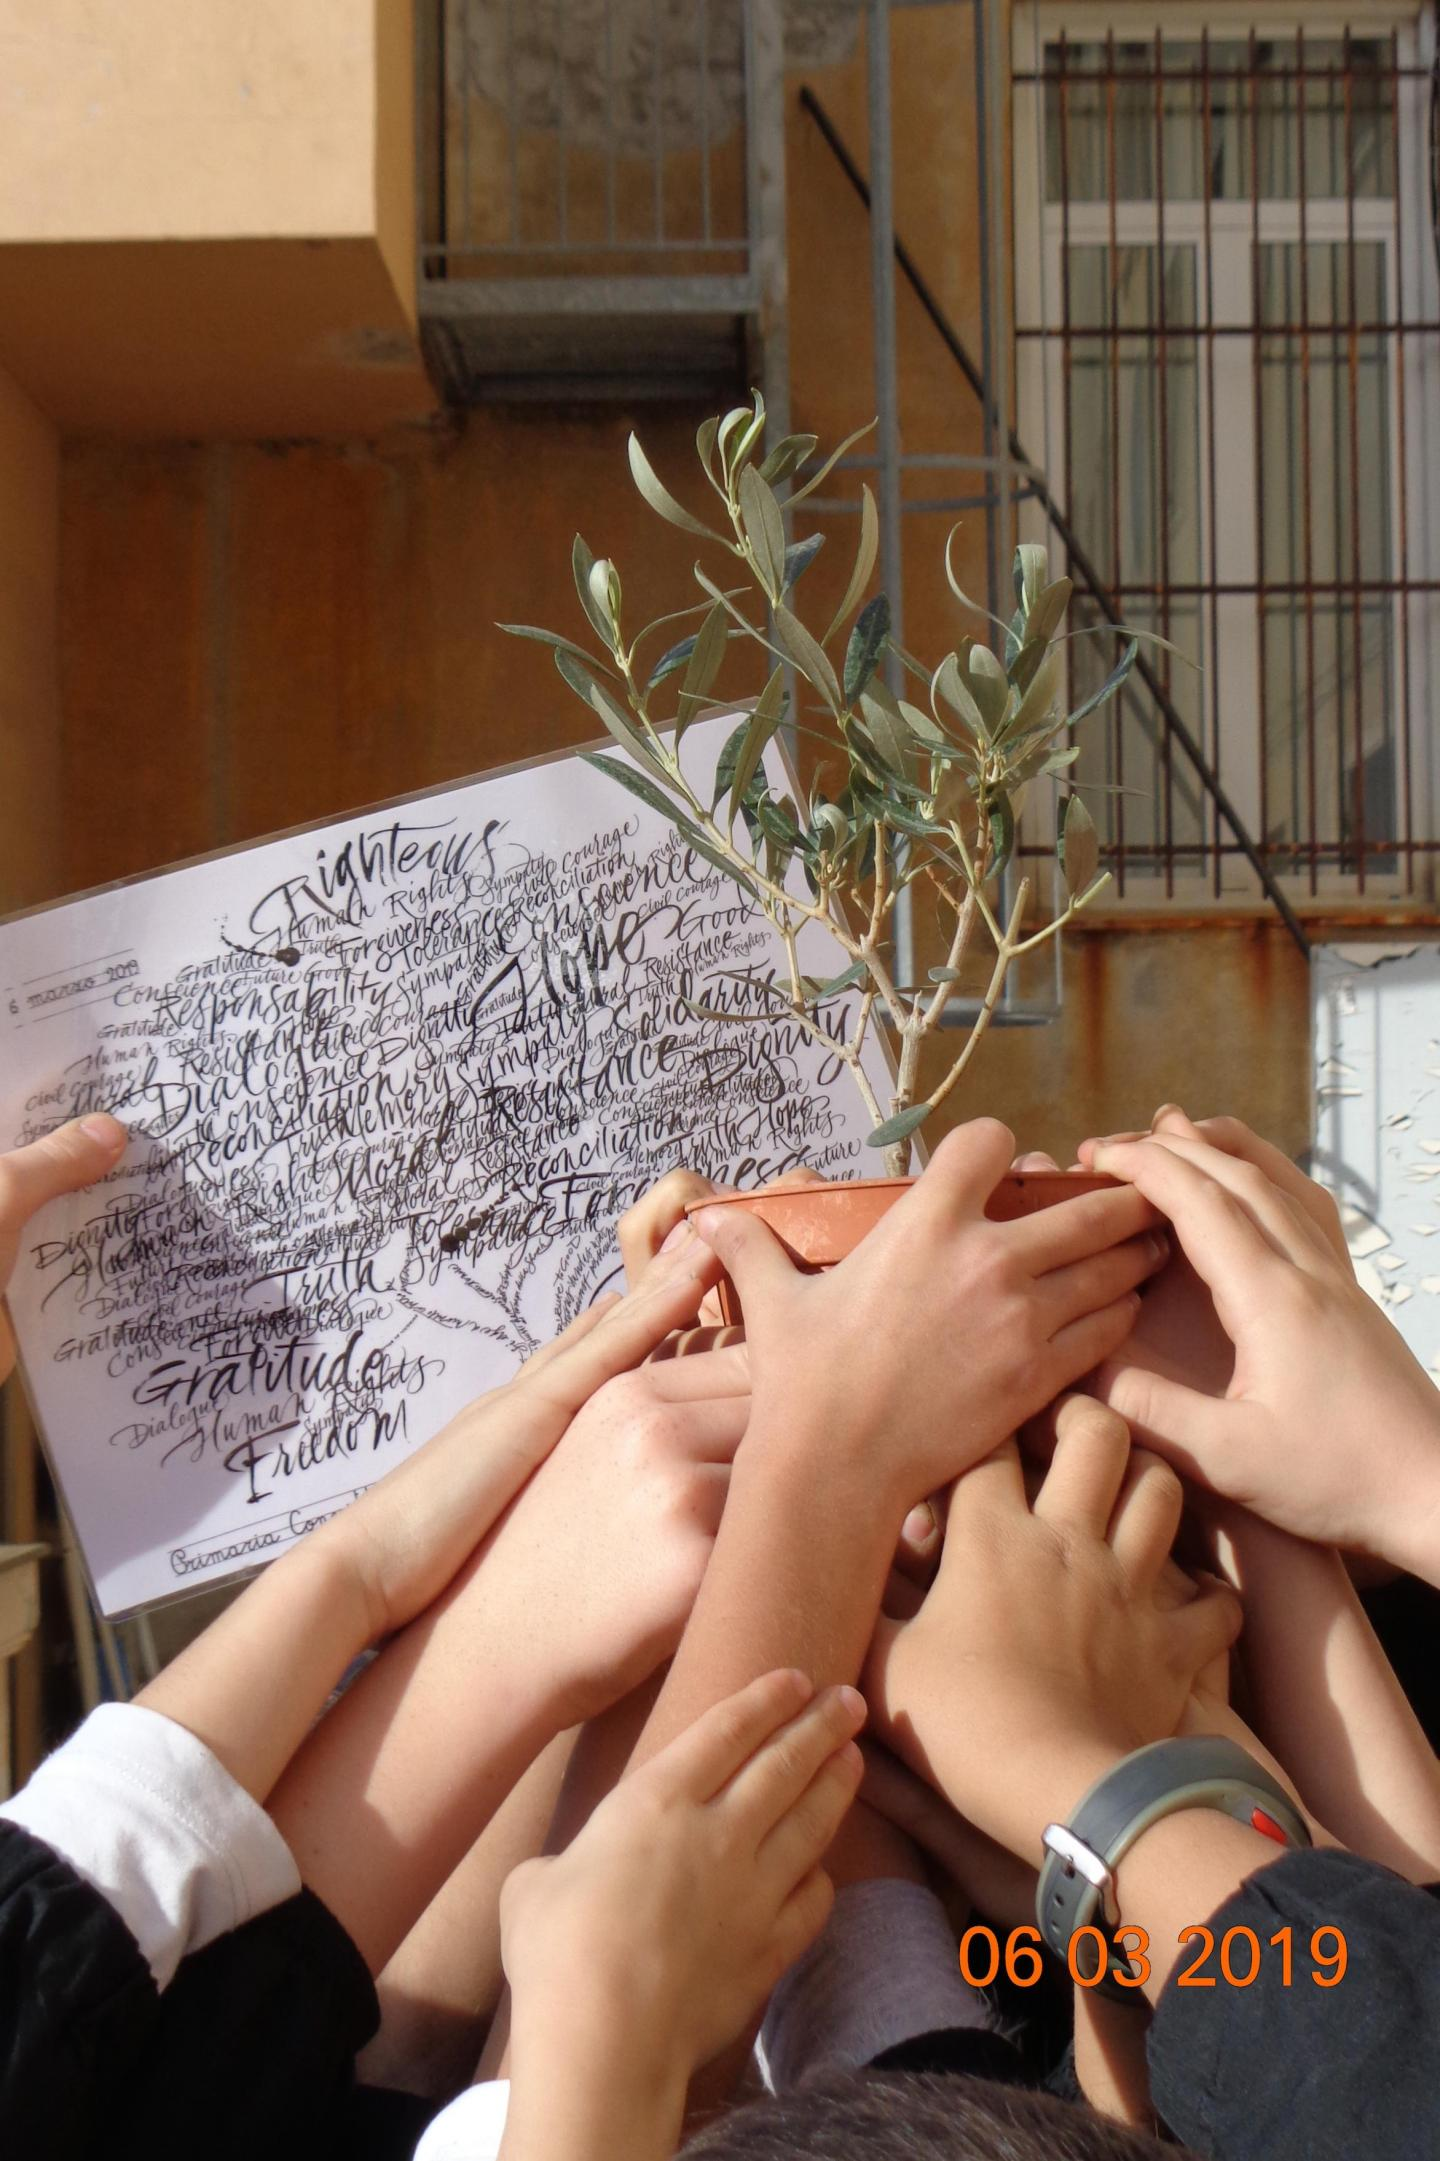 nella scuola primaria del Convitto C. Colombo di Brescia è arrivata una pianta per i Giusti